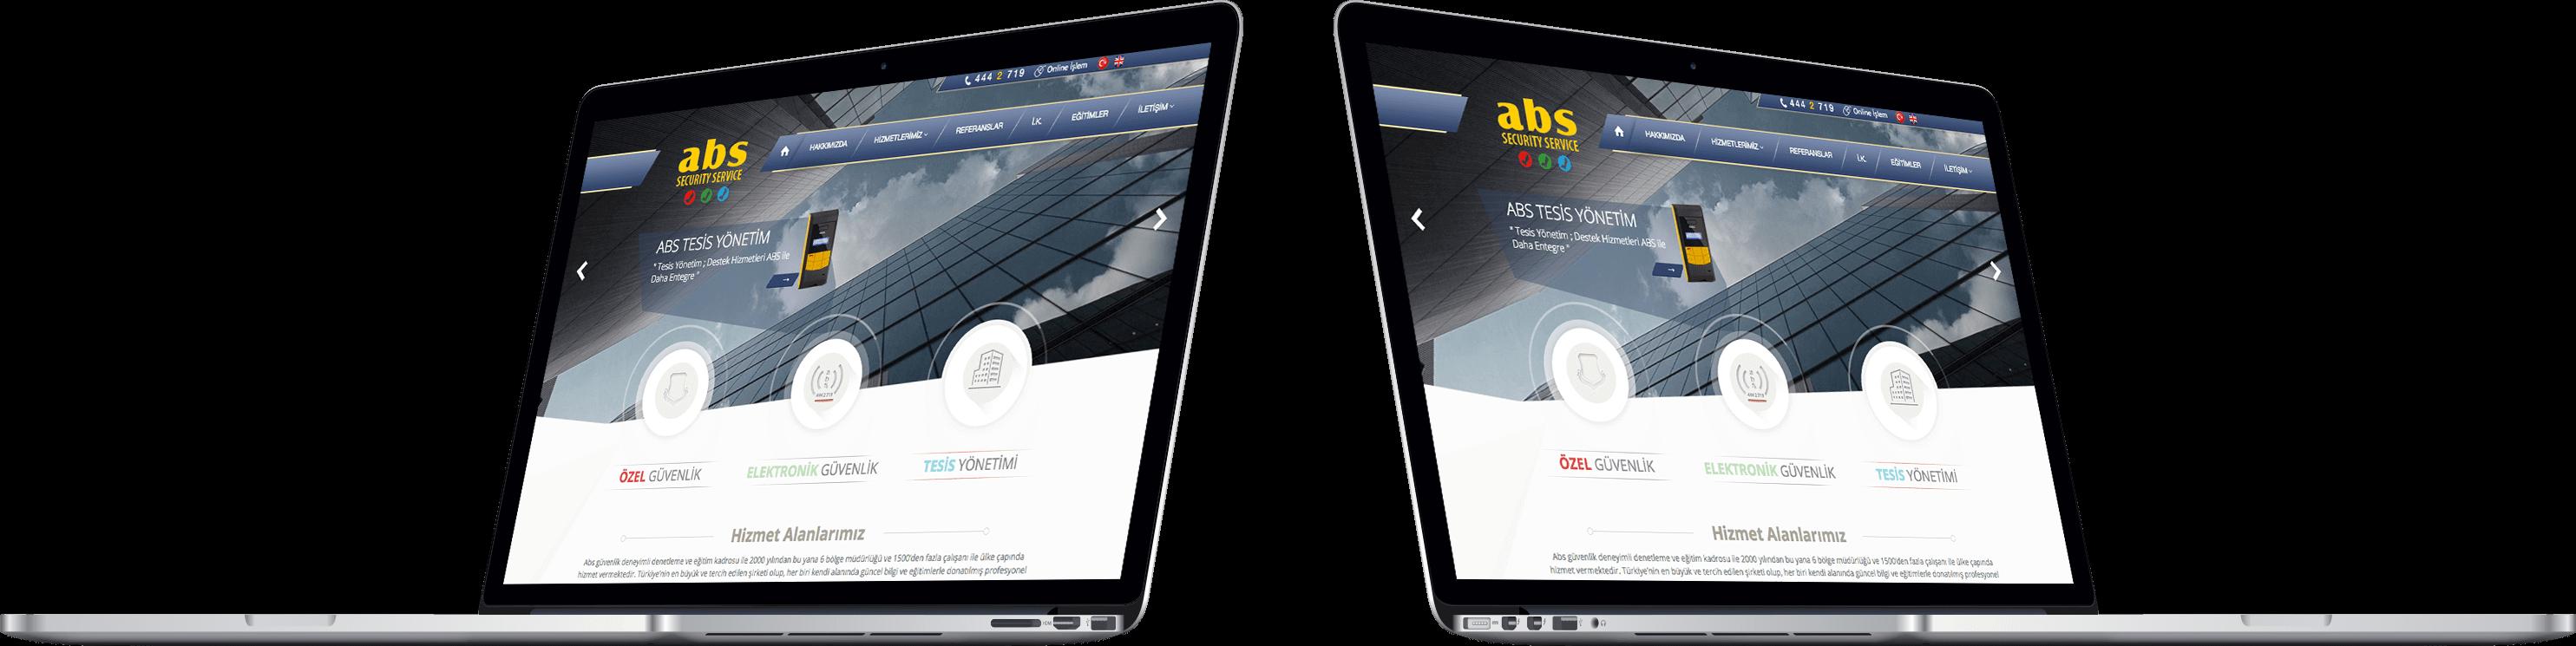 ABS GÜVENLİK | Web Tasarım